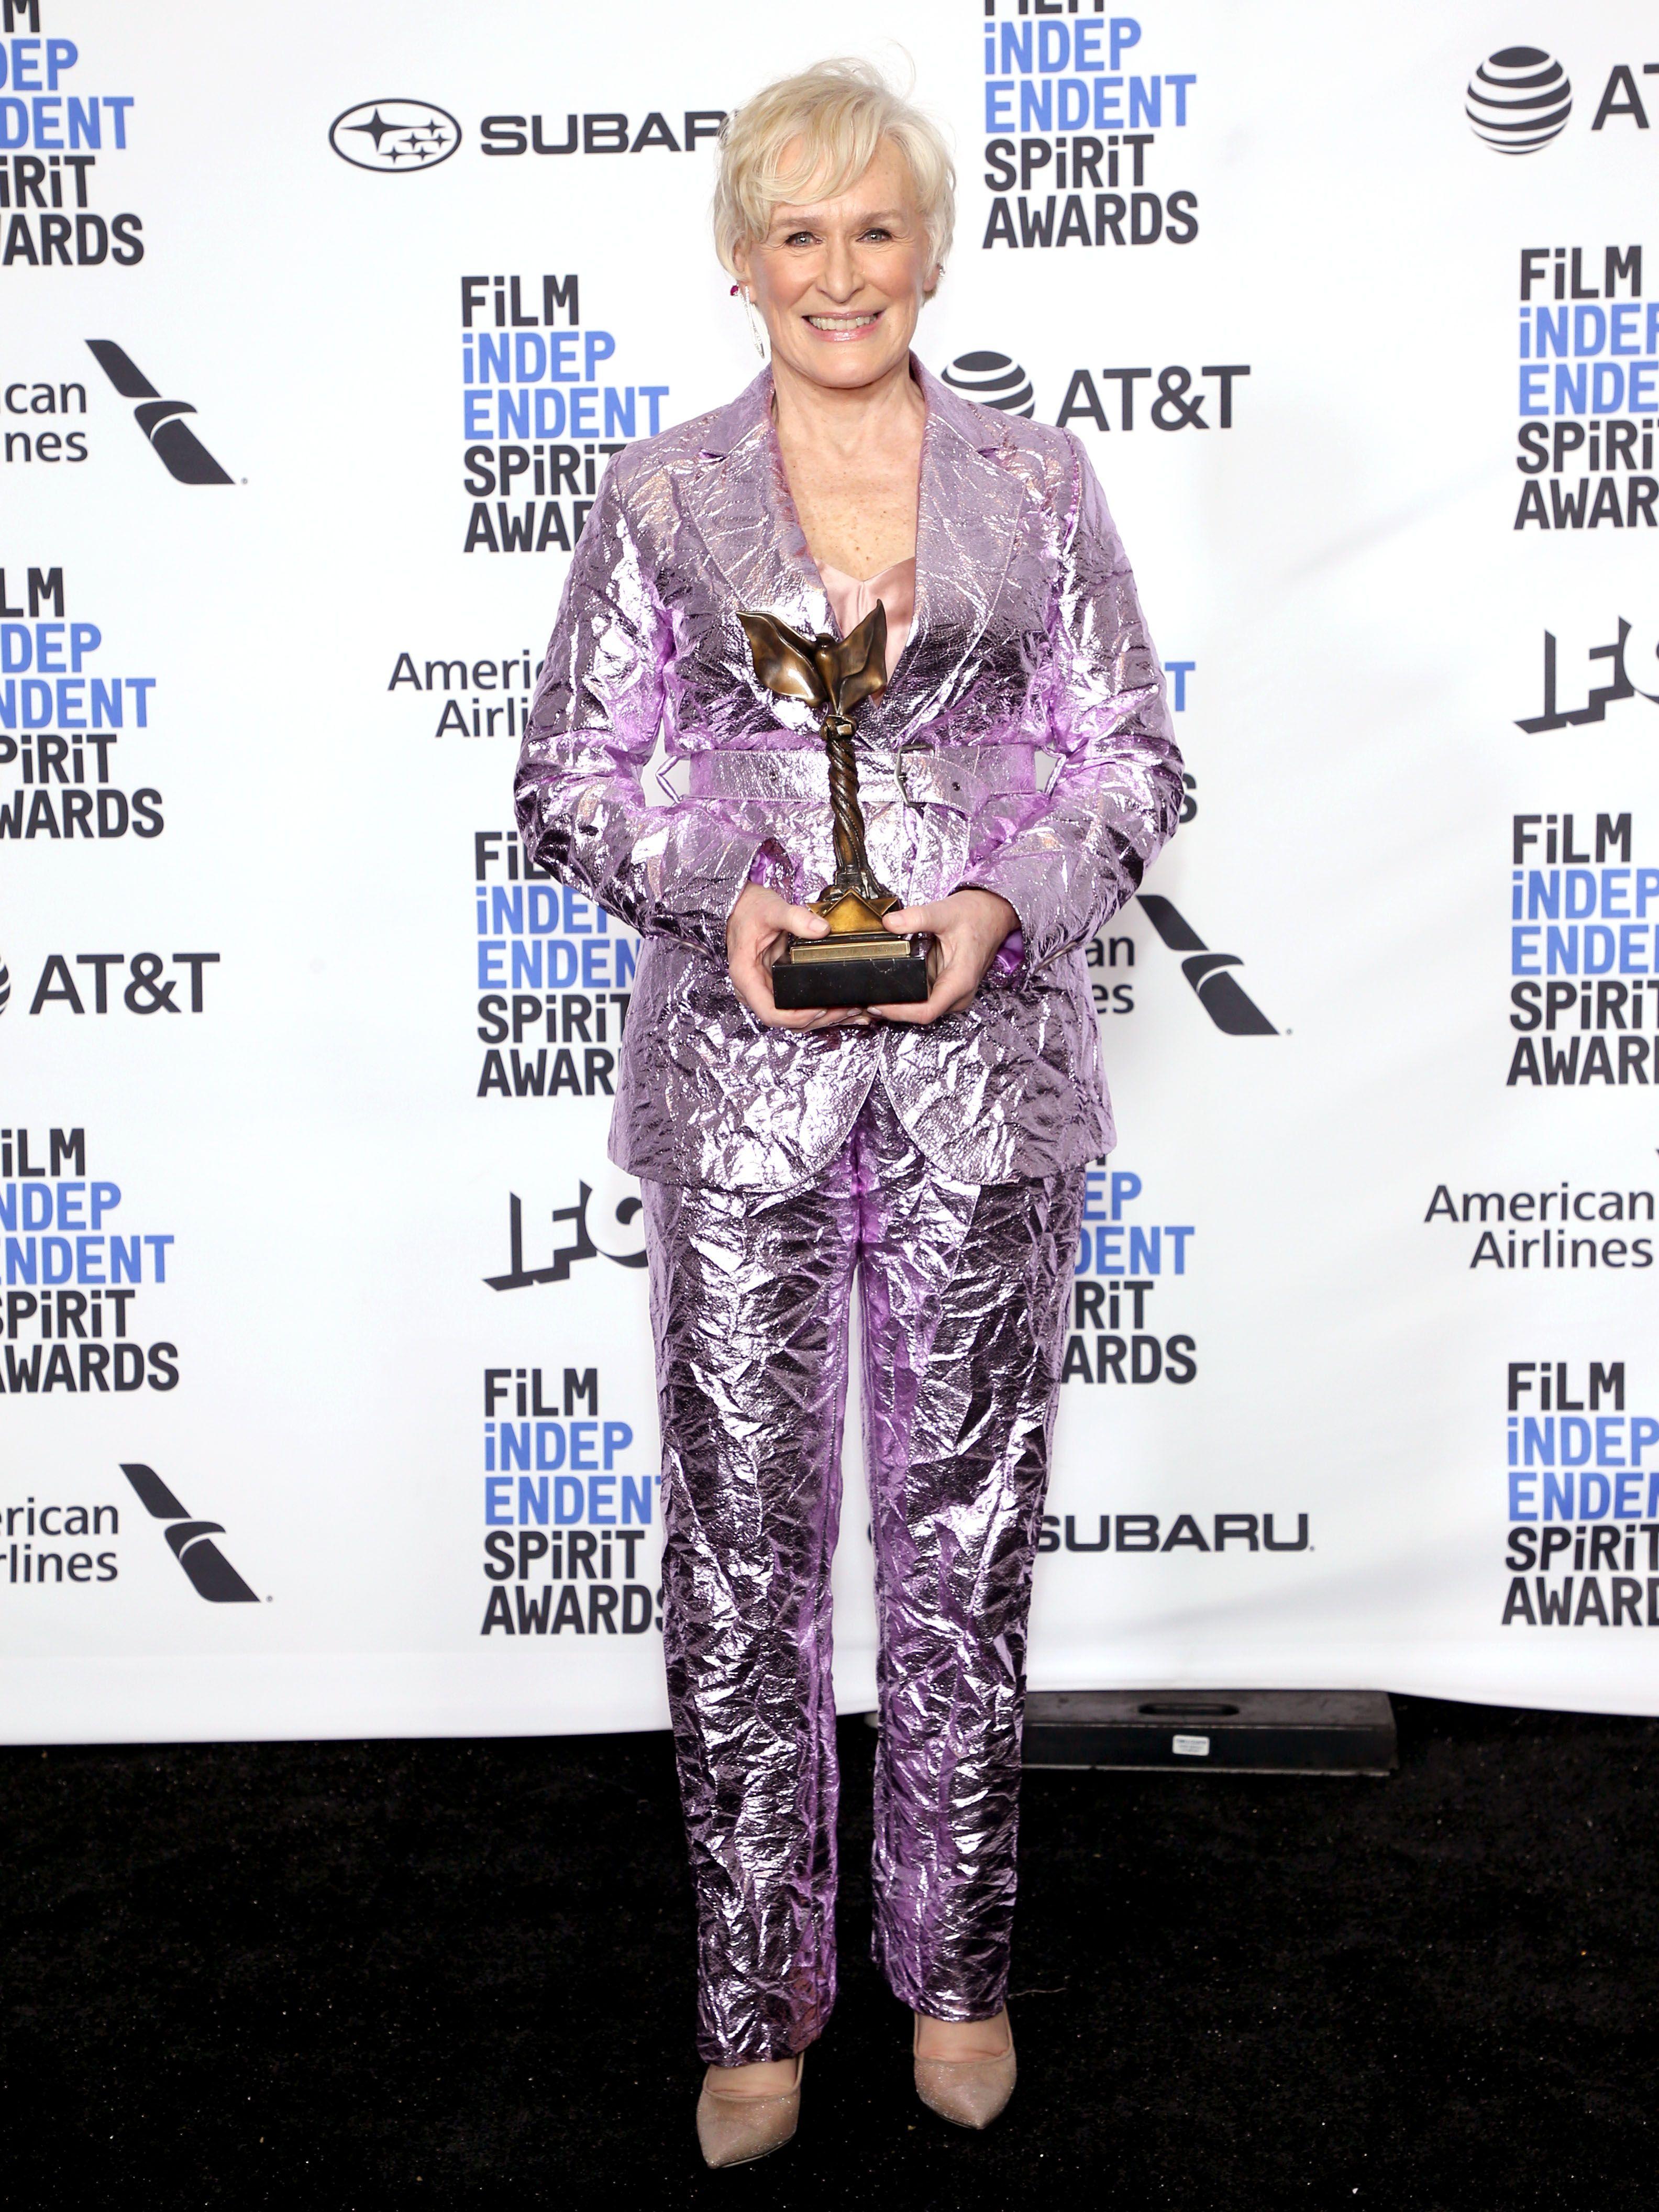 2019 Film Independent Spirit Awards  - Press Room